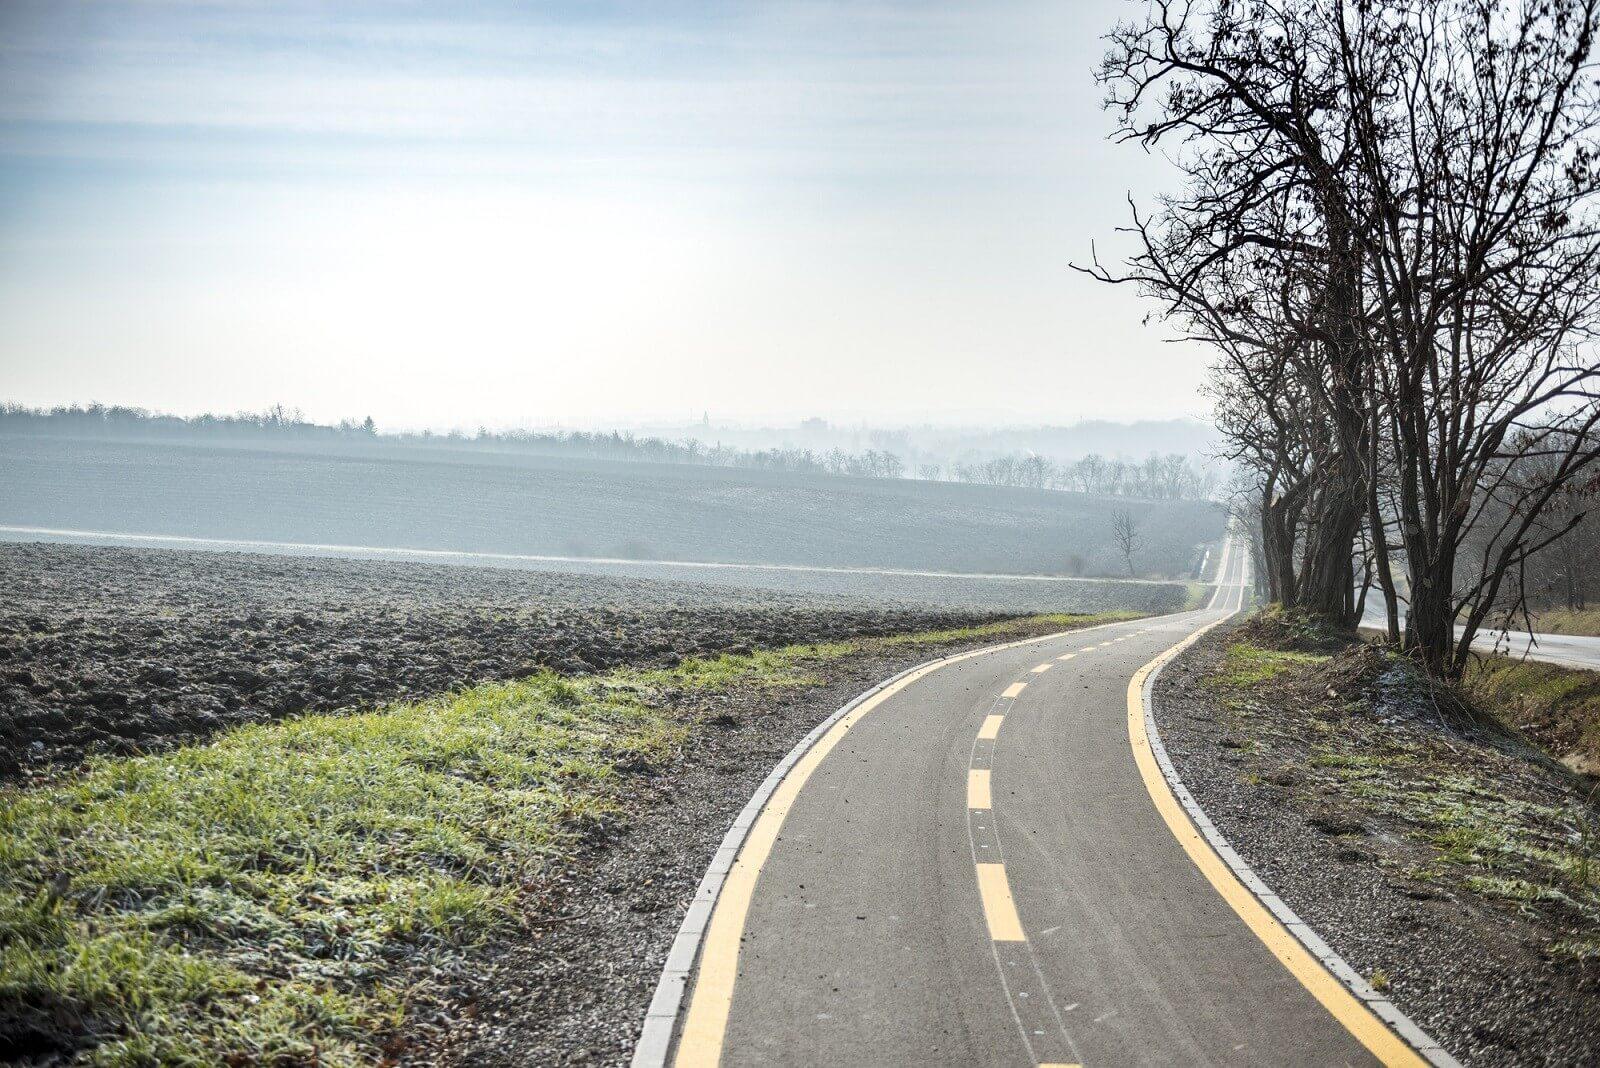 Közel 8 kilométerrel bővíti Nyíregyháza kerékpárútjait a Ke-Víz